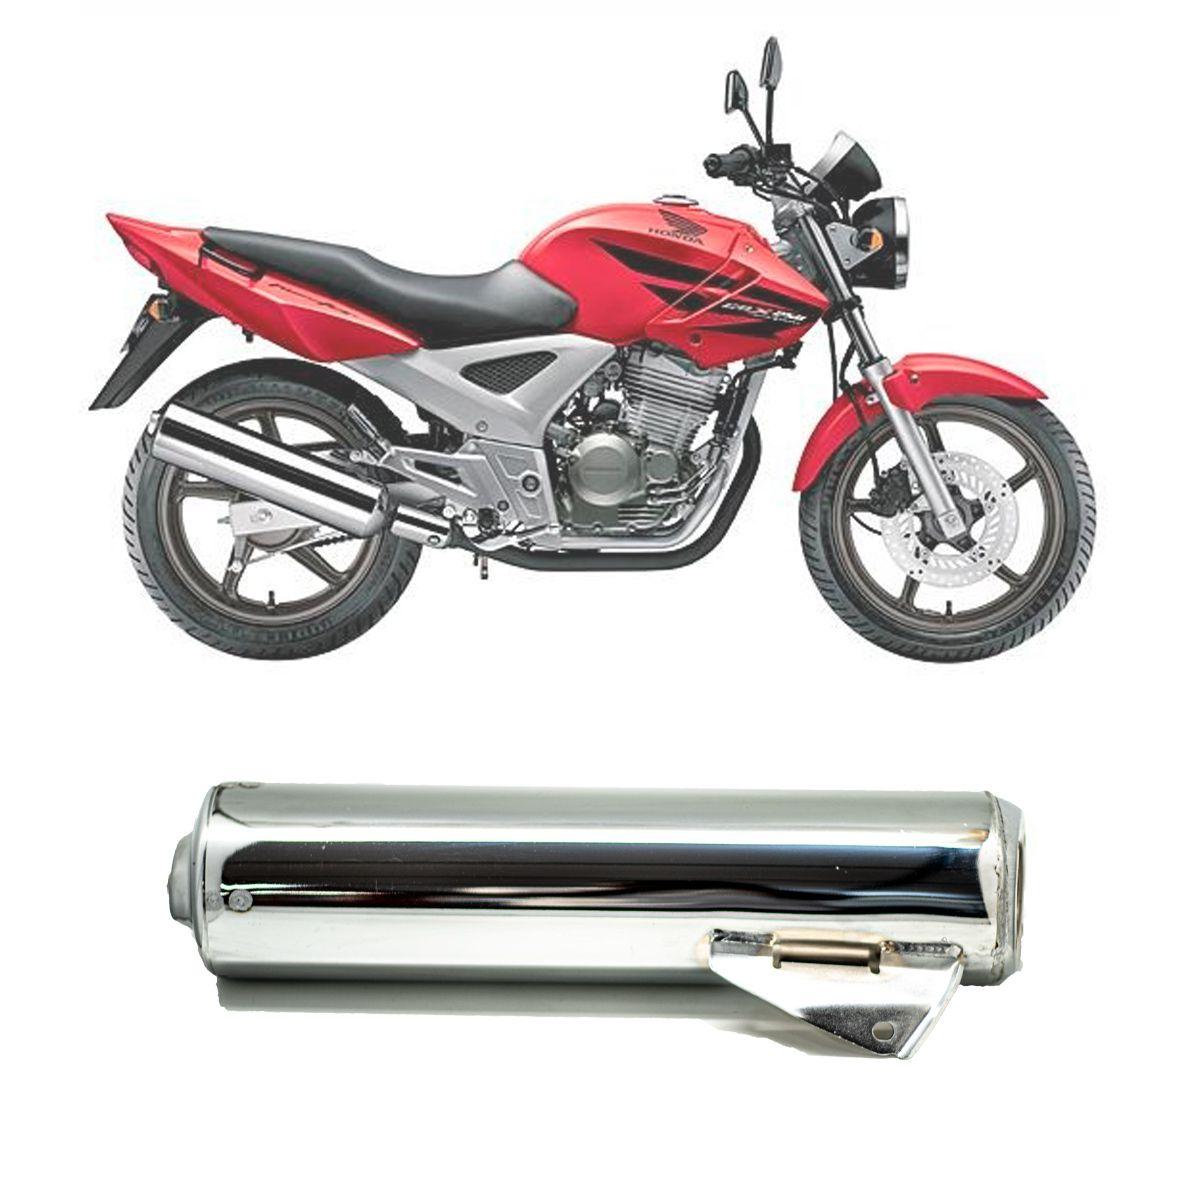 Ponteira Escapamento Honda CBX 250 Twister 2001 à 2008, Cromada, Pro Tork